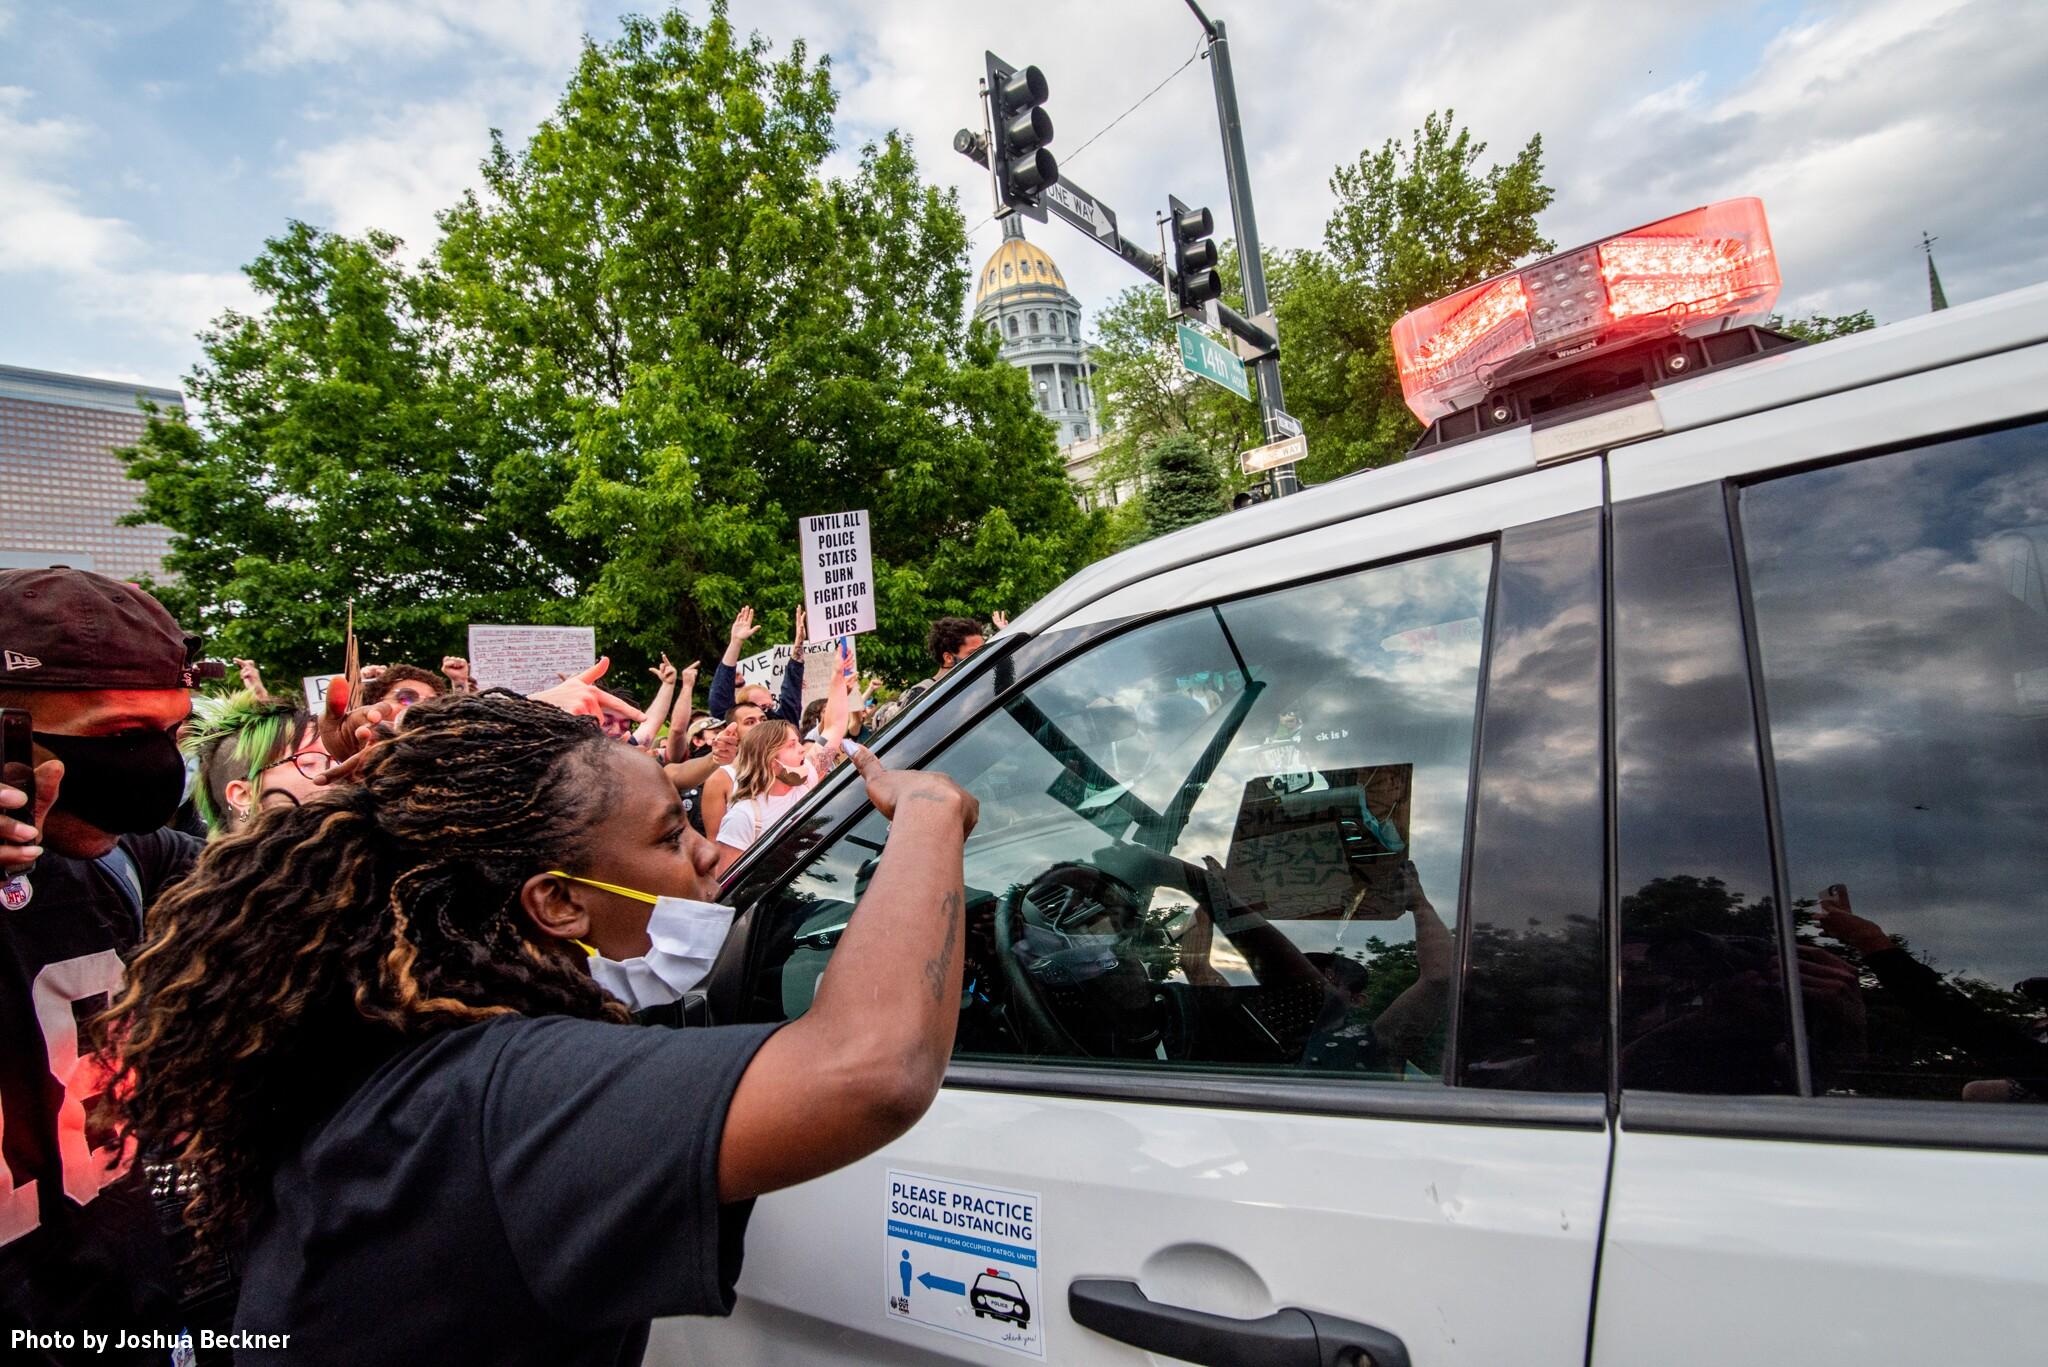 Denver's George Floyd protest_May 28 2020_Joshua Beckner 4